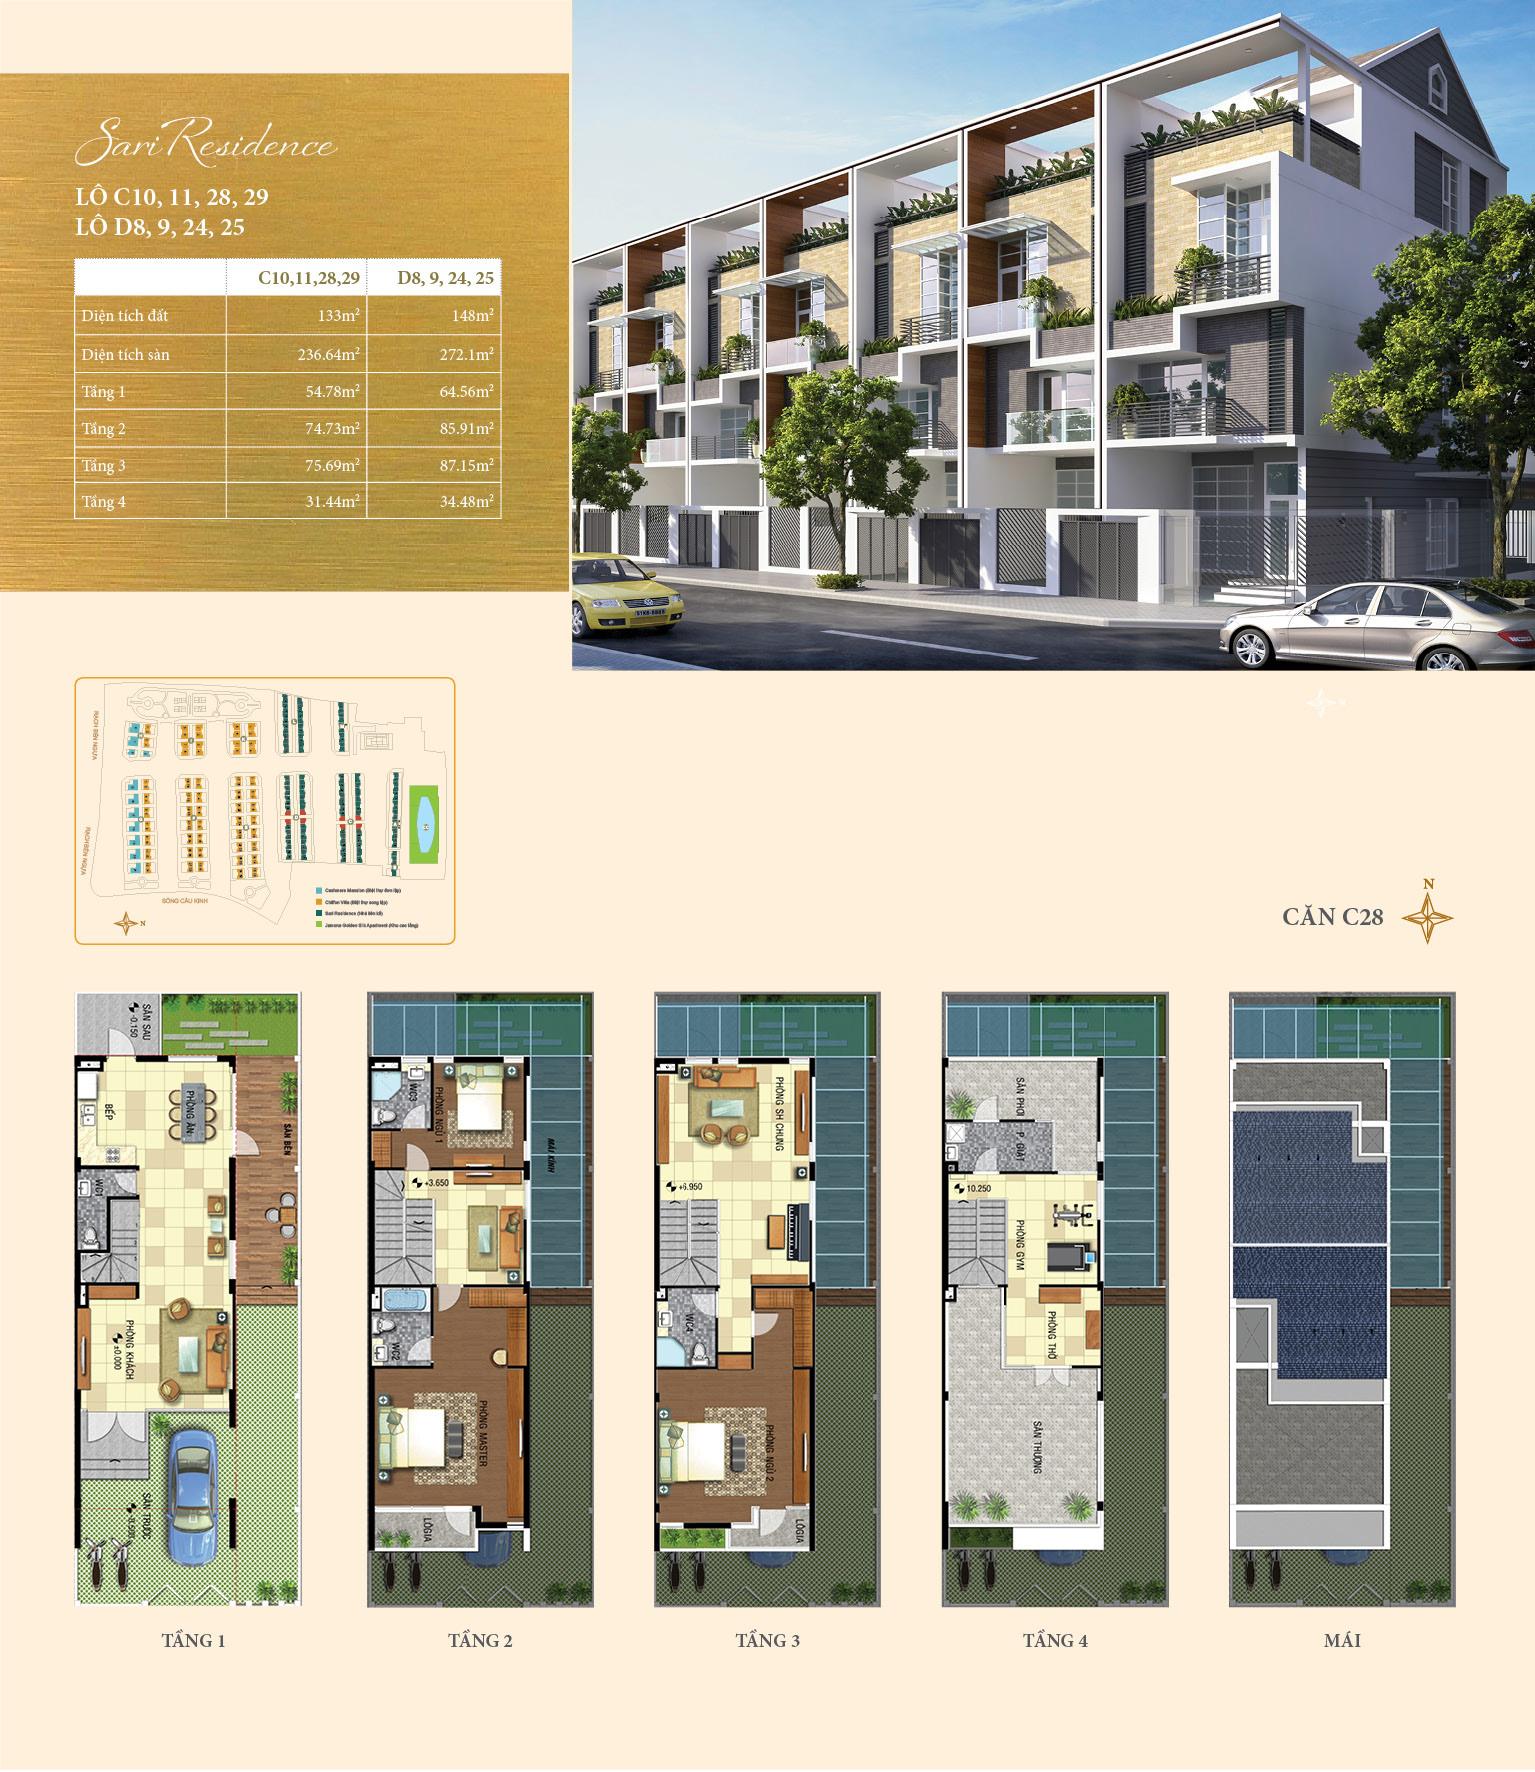 sari-residence-c28